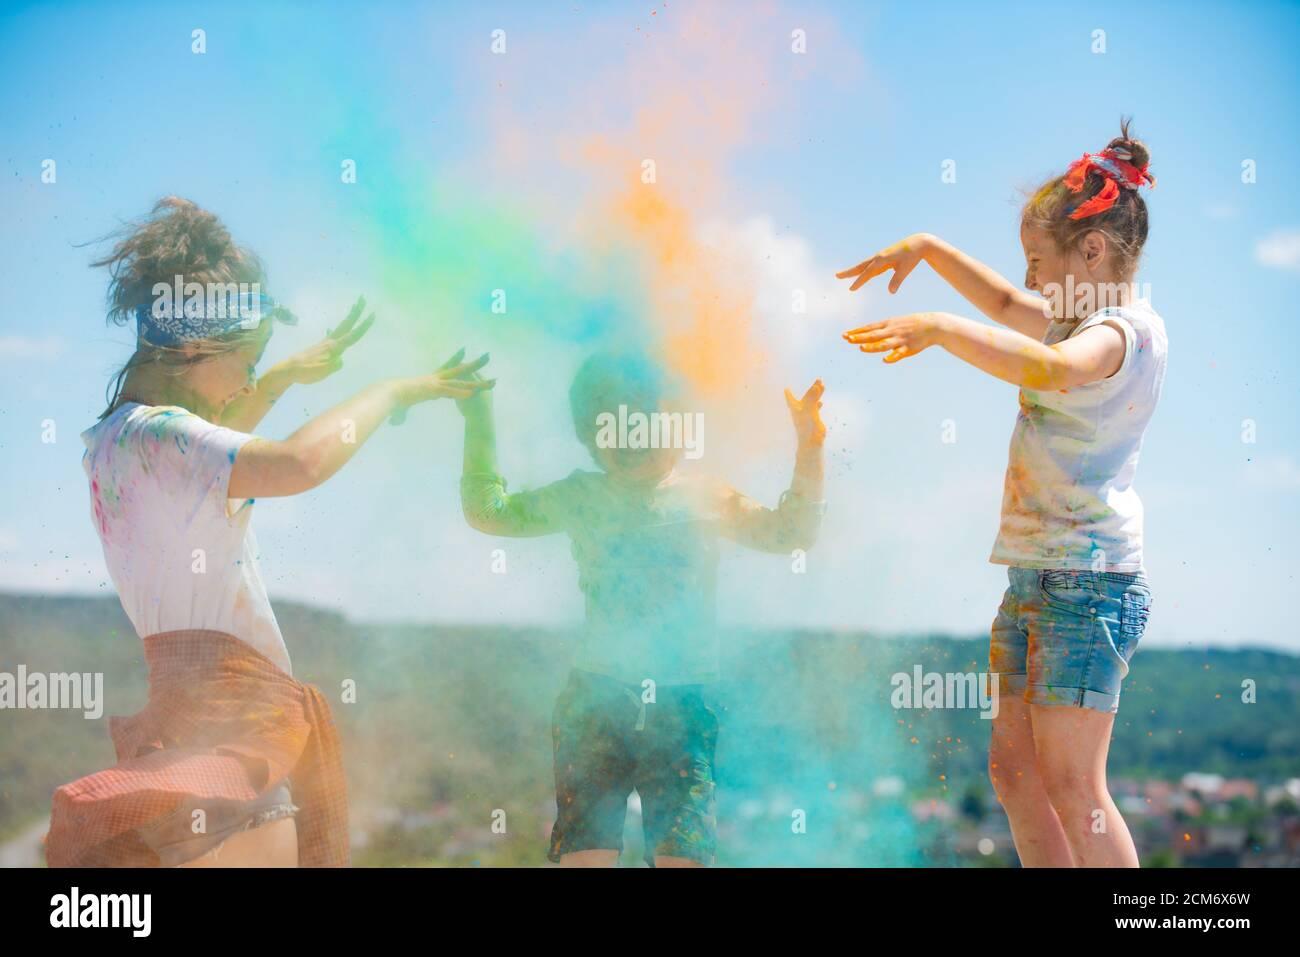 Grupo de niños disfrutando jugando con polvo de colores y salpicaduras de polvo de colores. Foto de stock